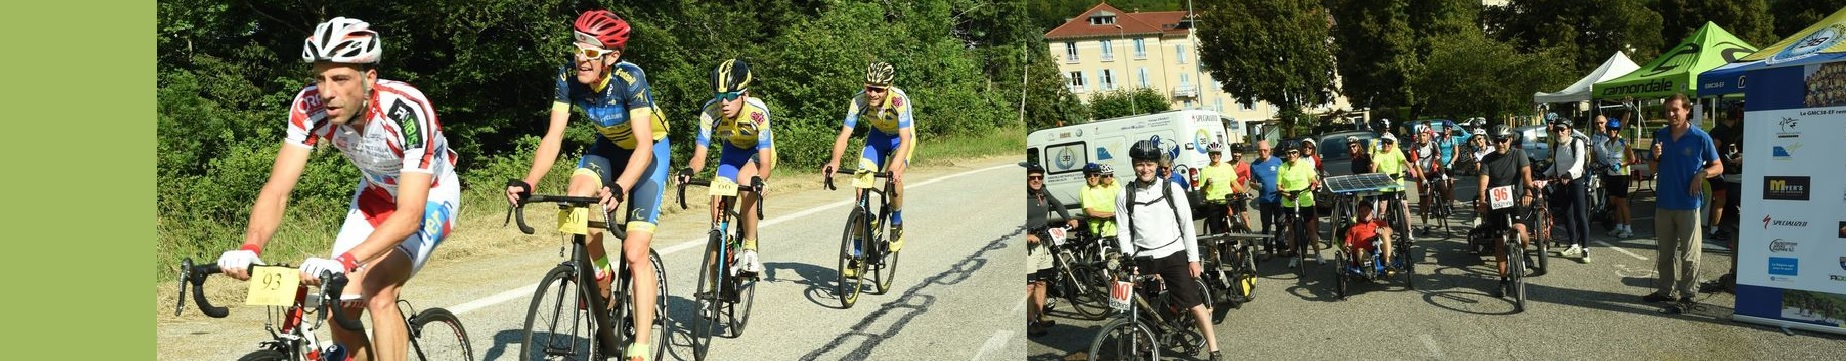 Montée Cycliste de CHAMROUSSE : Les résultats